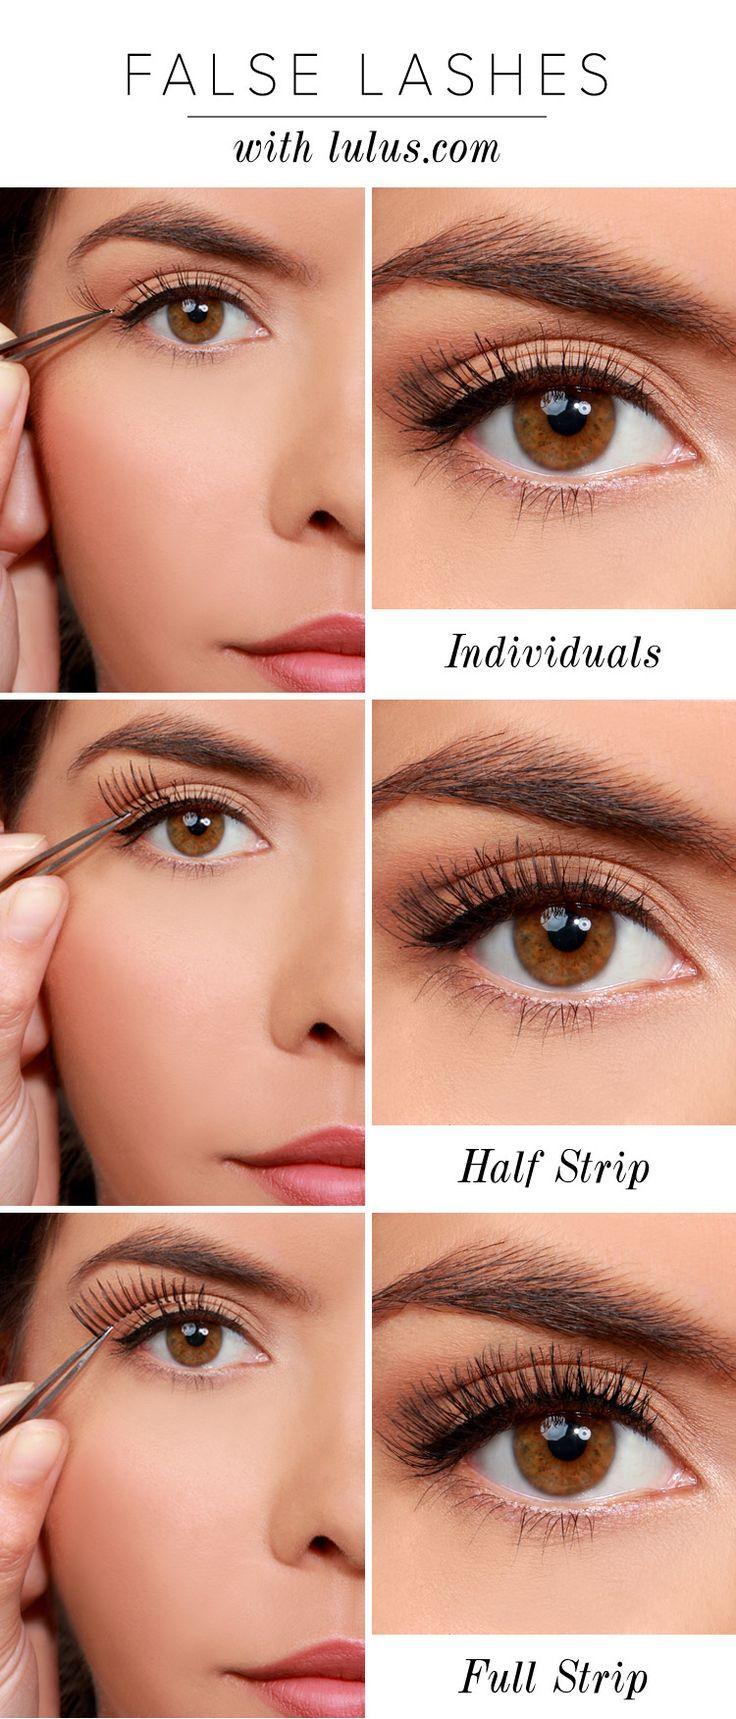 639cf0da4c5 10 Ways to Apply False Eyelashes Properly | Beauty | Applying false ...